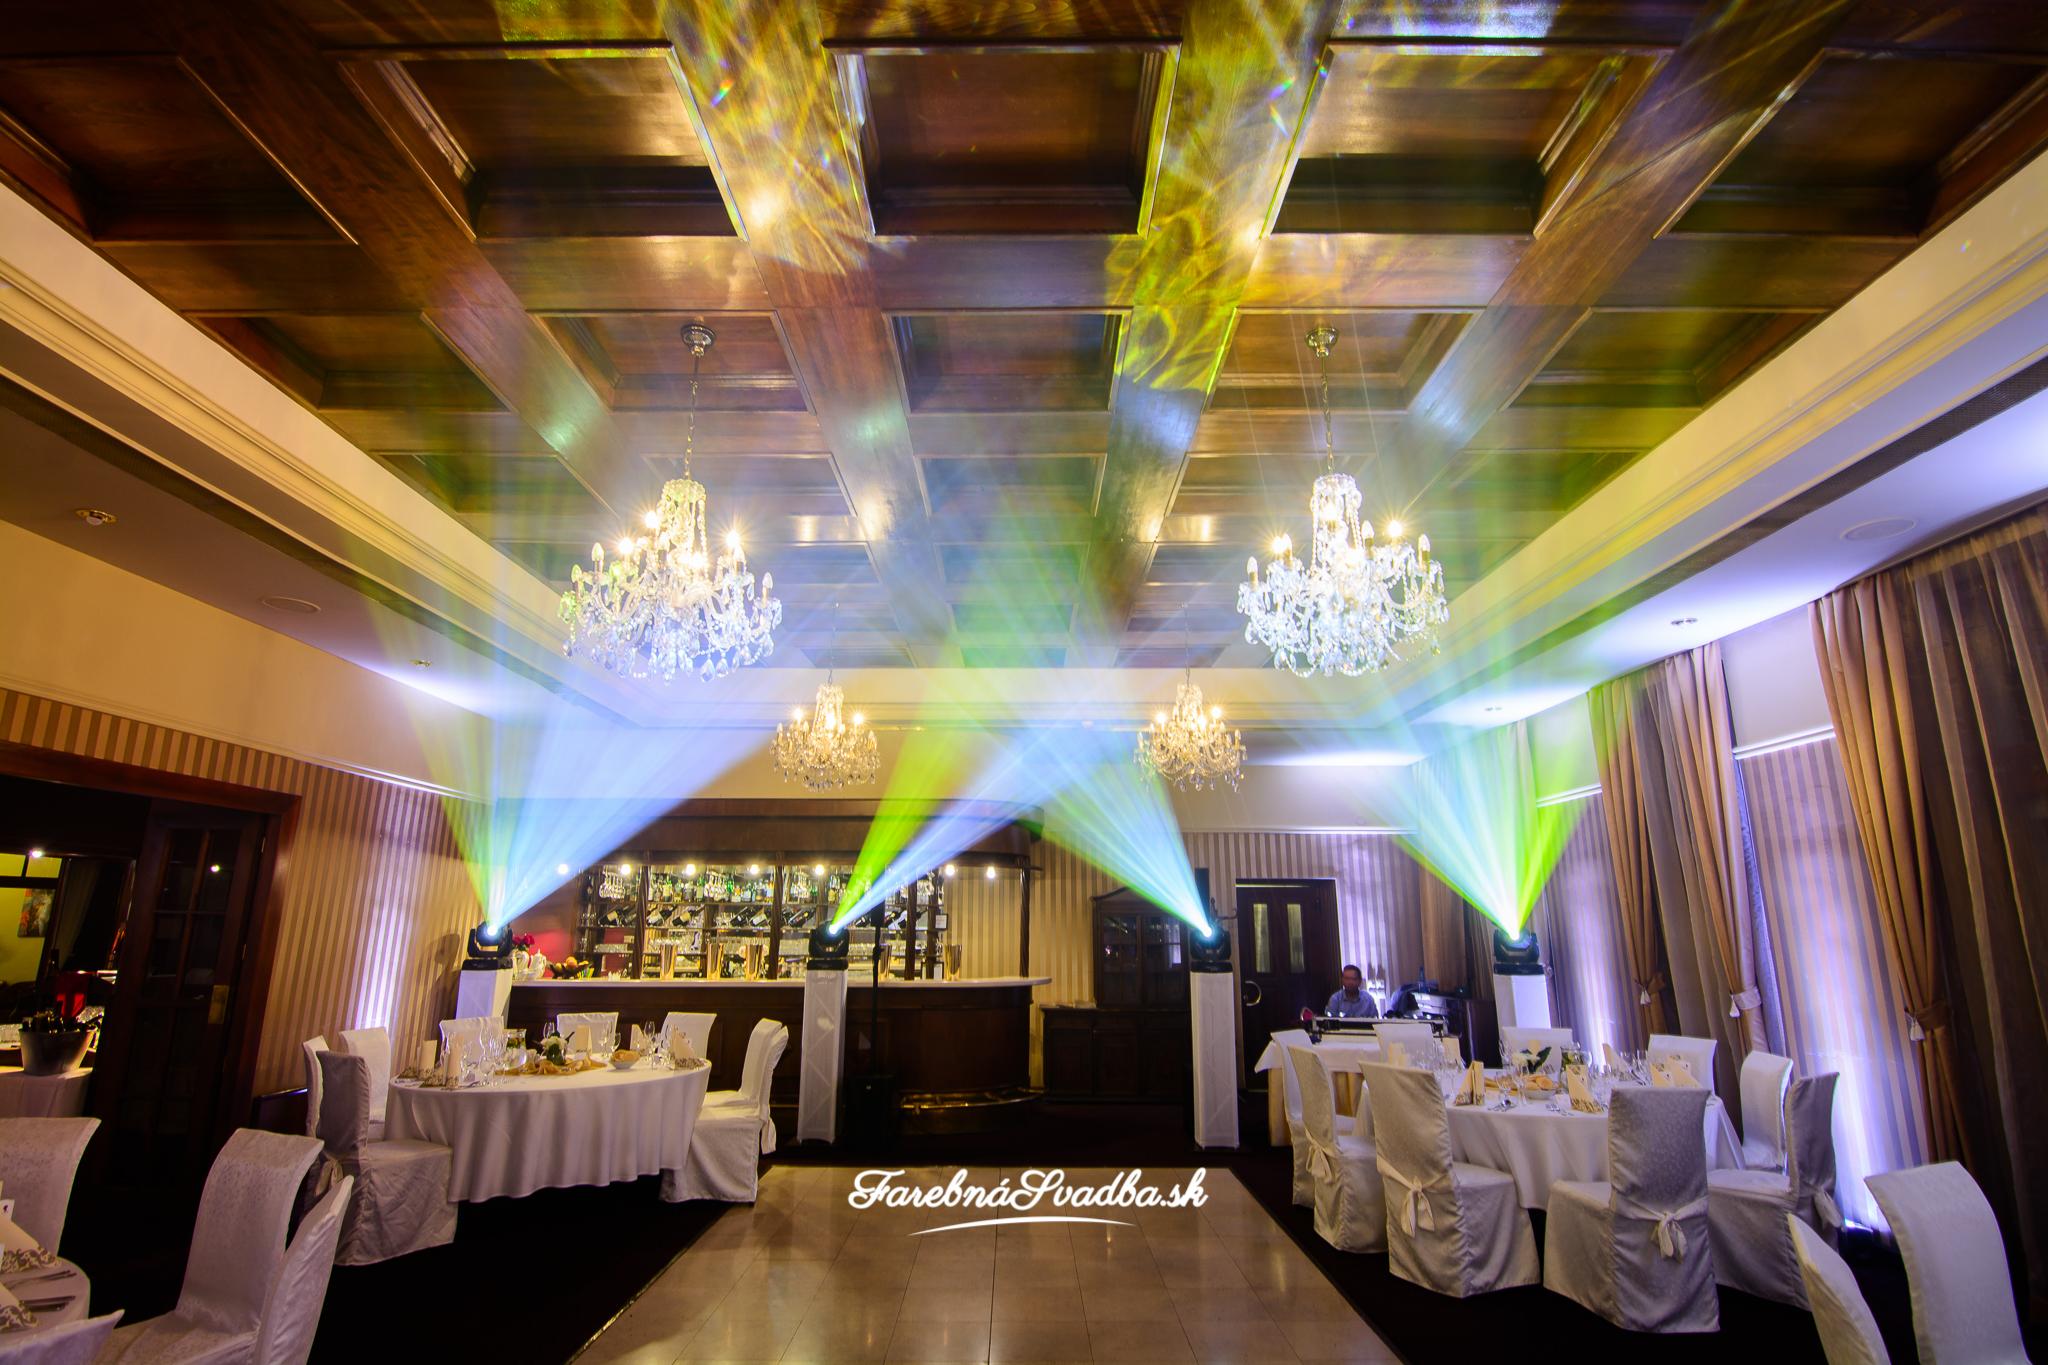 a2b797d52 Erik sa nam postaral o skvelu zabavu na nasej svadbe 4.7.2015 v hoteli  Bankov v Kosiciach. Urcite neolutujete, hlavne ak svadbu planujete na  dialku - zijem ...